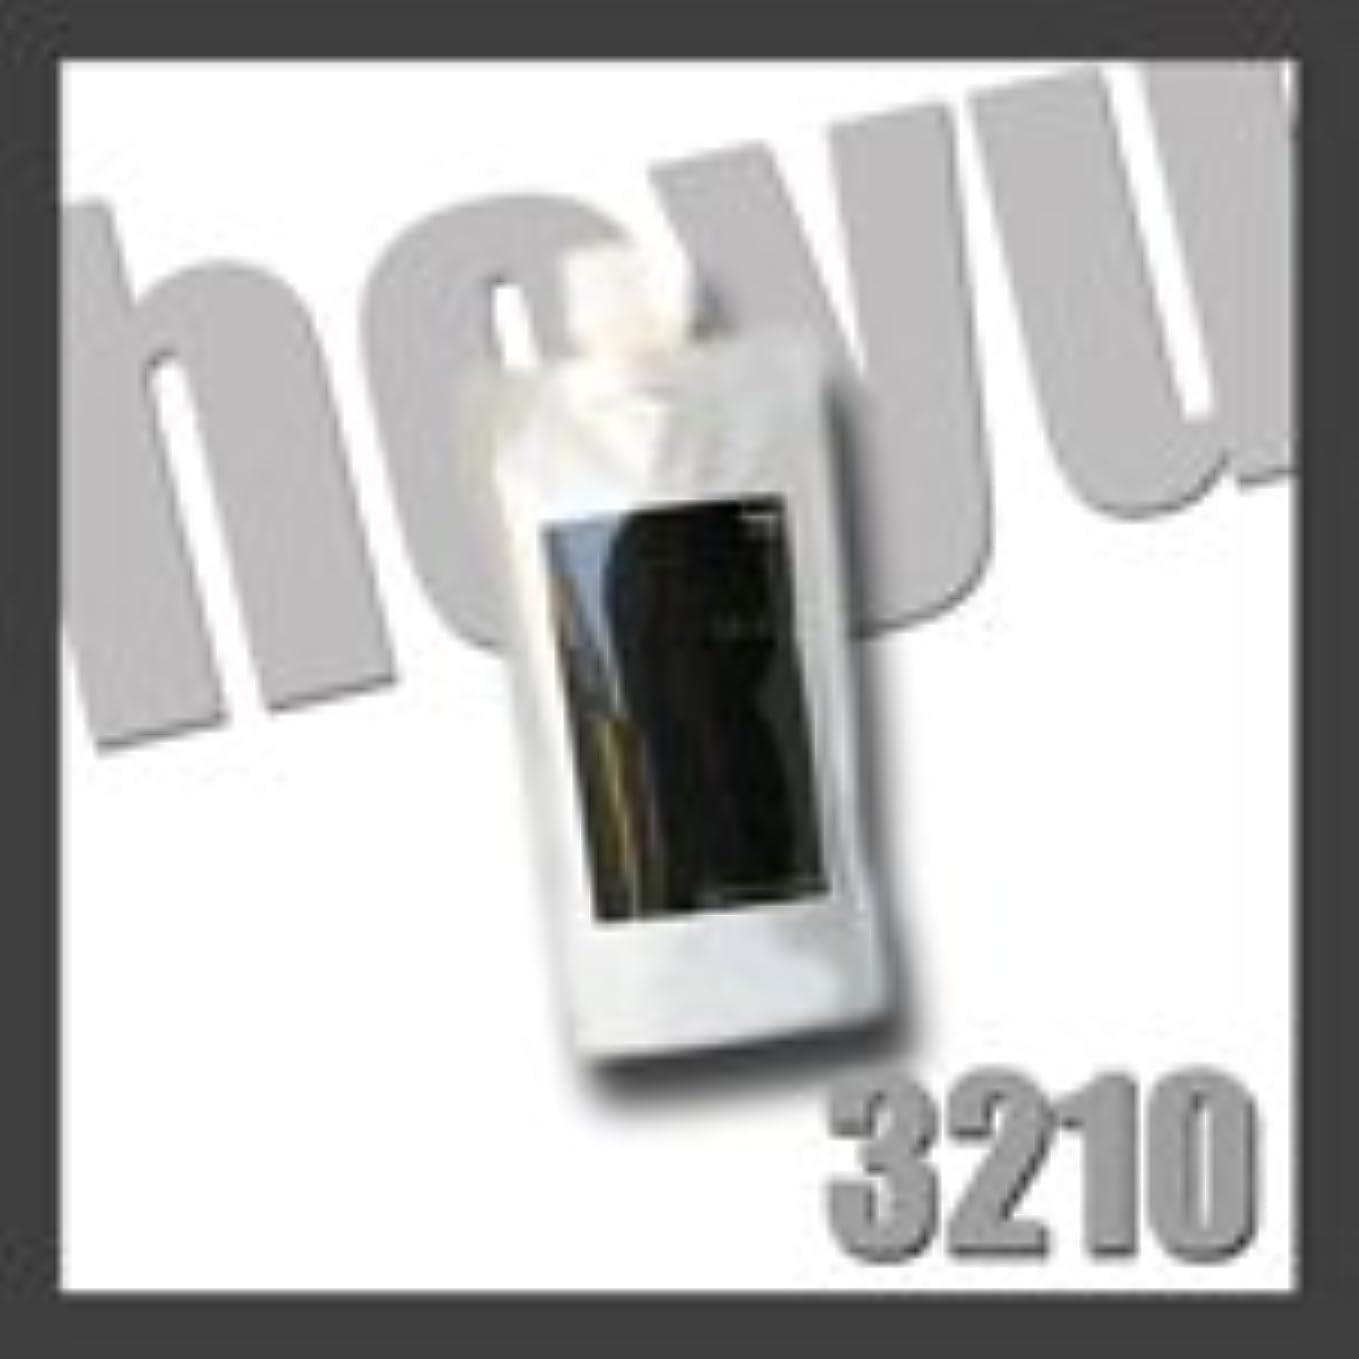 ピストン探検気絶させるHOYU ホーユー 3210 ミニーレ ウルトラハード ワックス レフィル 200g 詰替用 フィニッシュワークシリーズ